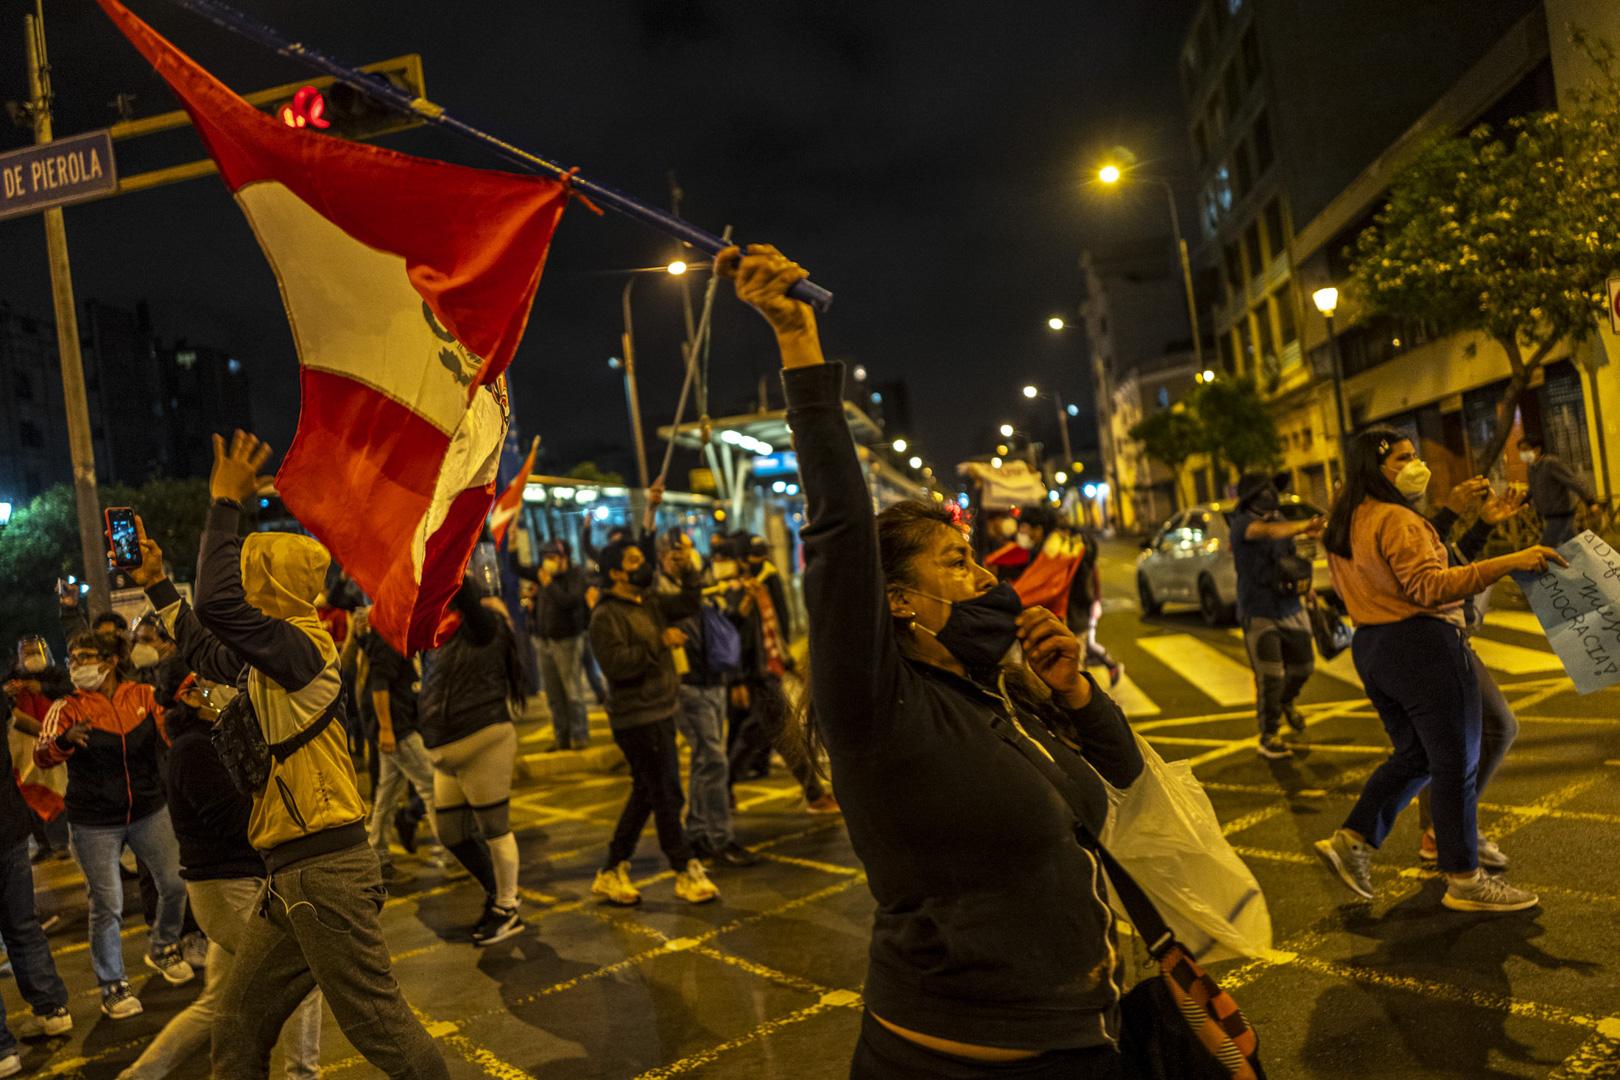 MANIFESTACIÓN. Entre el 9 y 14 de noviembre del año pasado, ciudadanos mayoritariamente jóvenes se organizaron a través de las redes sociales para protestar contra el gobierno de Merino y sus reformas.